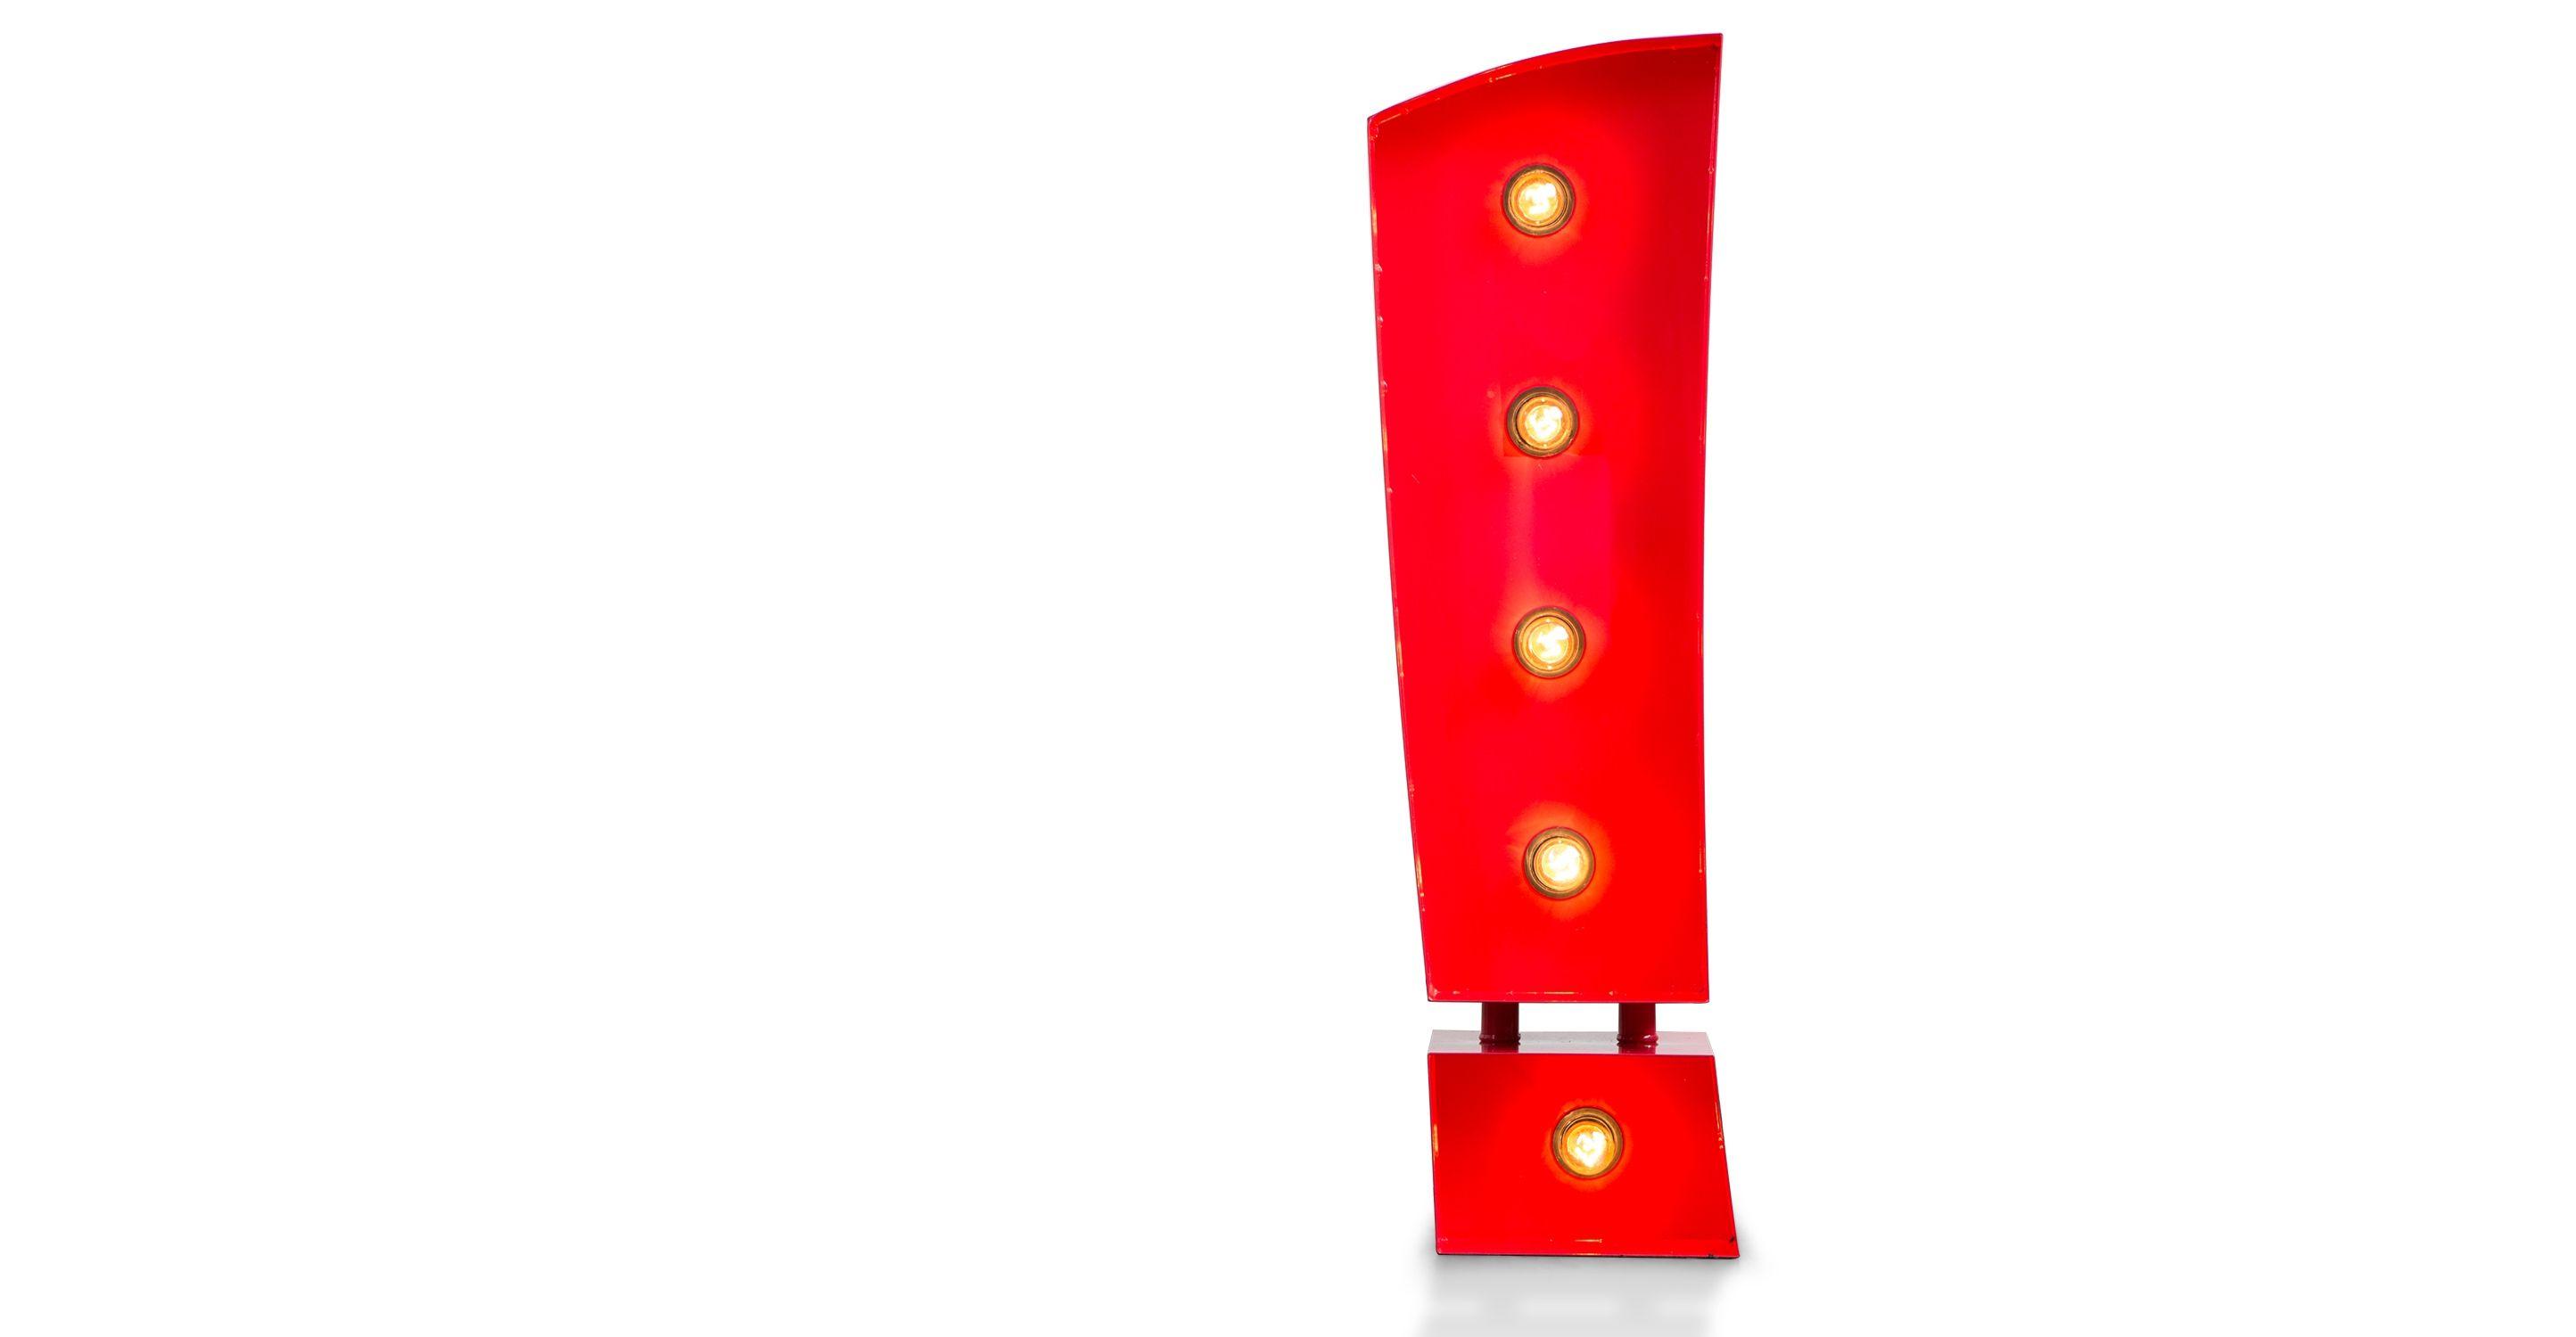 Lampada da tavolo esclamazione Broadway, rossa